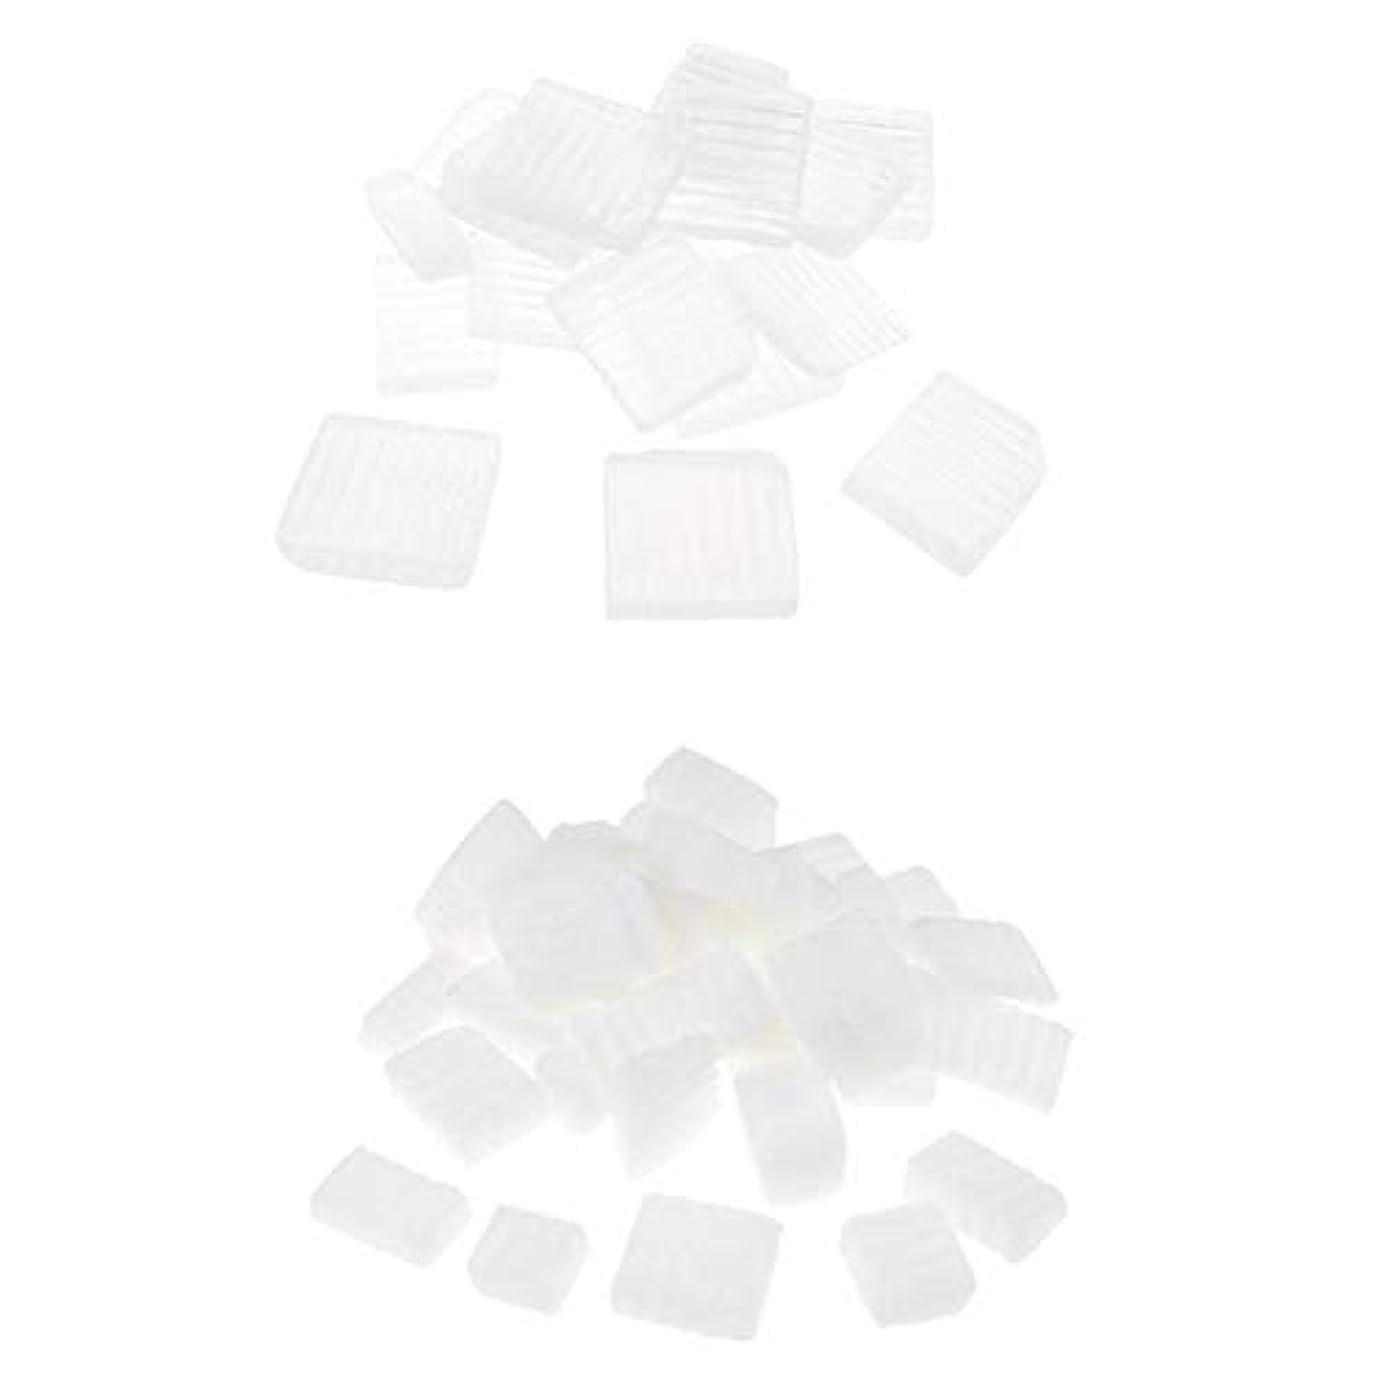 球体無効にする衝突するdailymall 2kg白く透明な溶けて注ぐ石鹸ベースDIY石鹸原料100%野菜